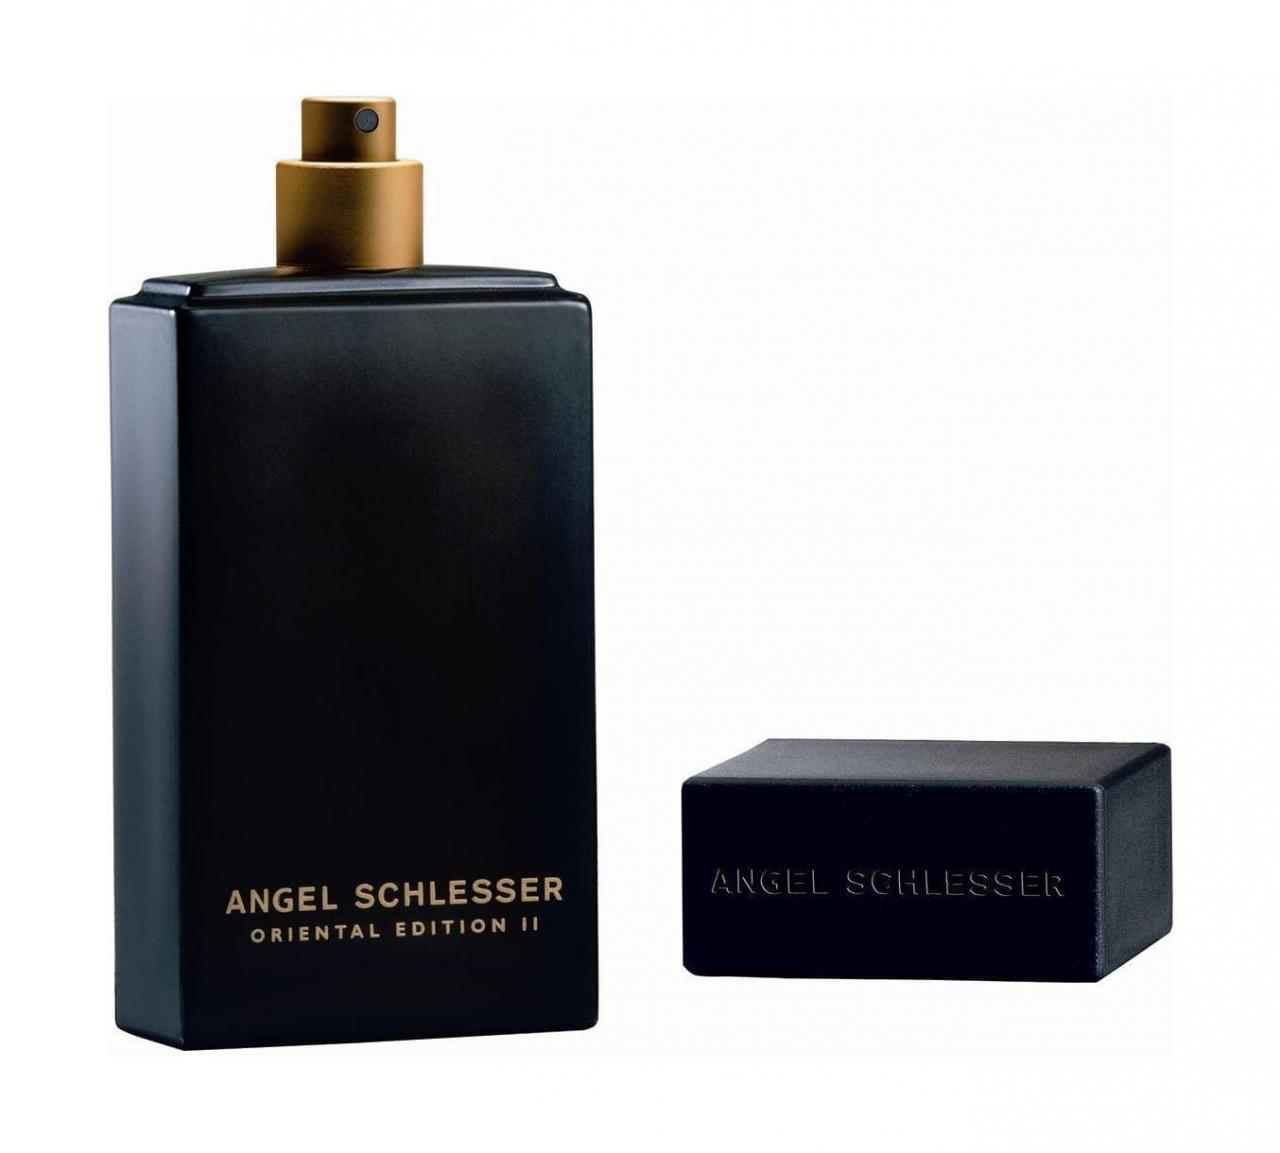 Nước Hoa Angel Schlesser Angel Schlesser Oriental Edition II EDT 100ml